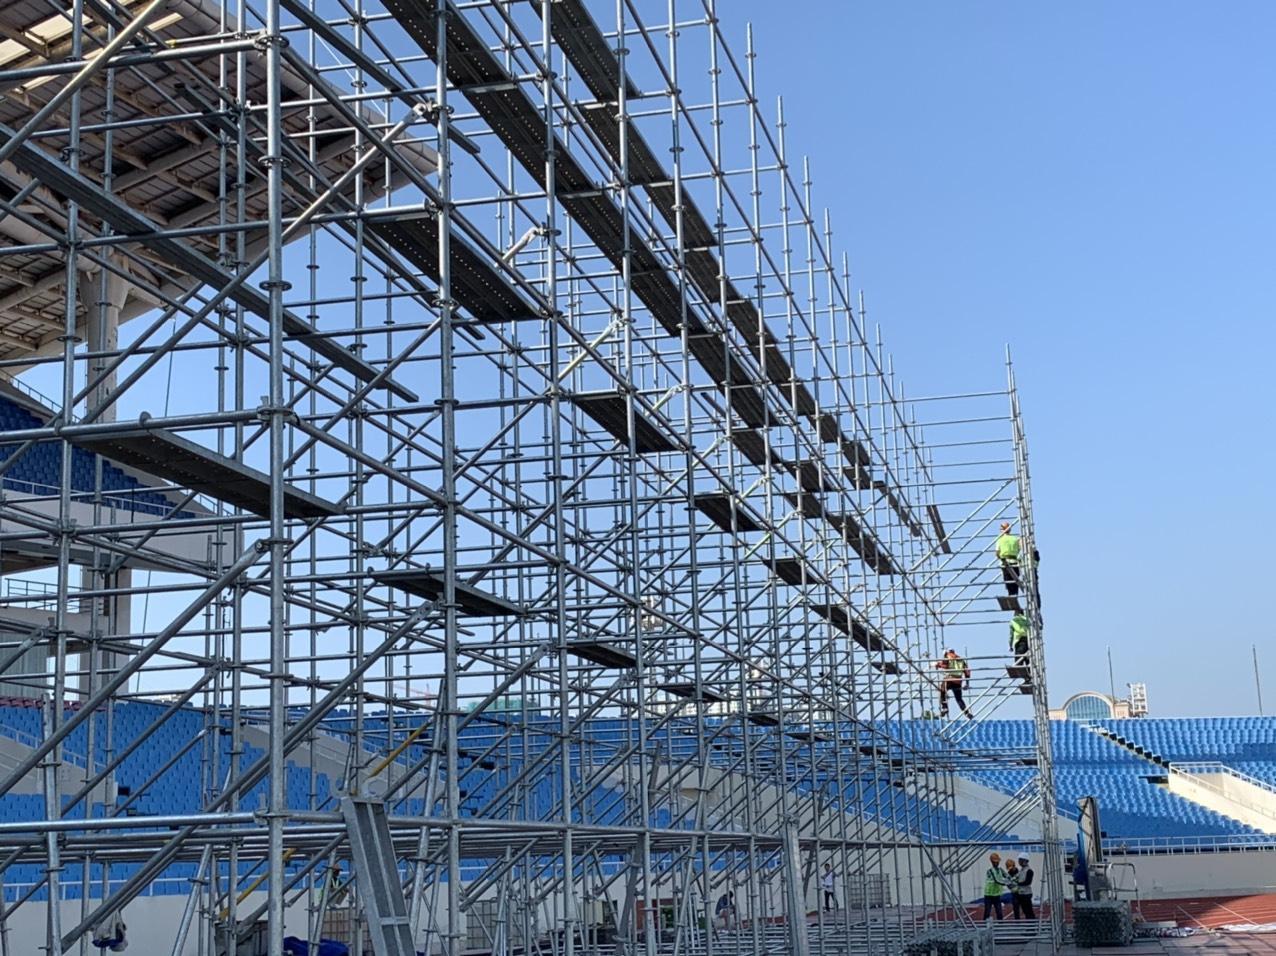 Huy động hơn 100 tấn thiết bị và 100 nhân công để dựng sân khấu siêu hoành tráng FWD Music Fest - Ảnh 6.